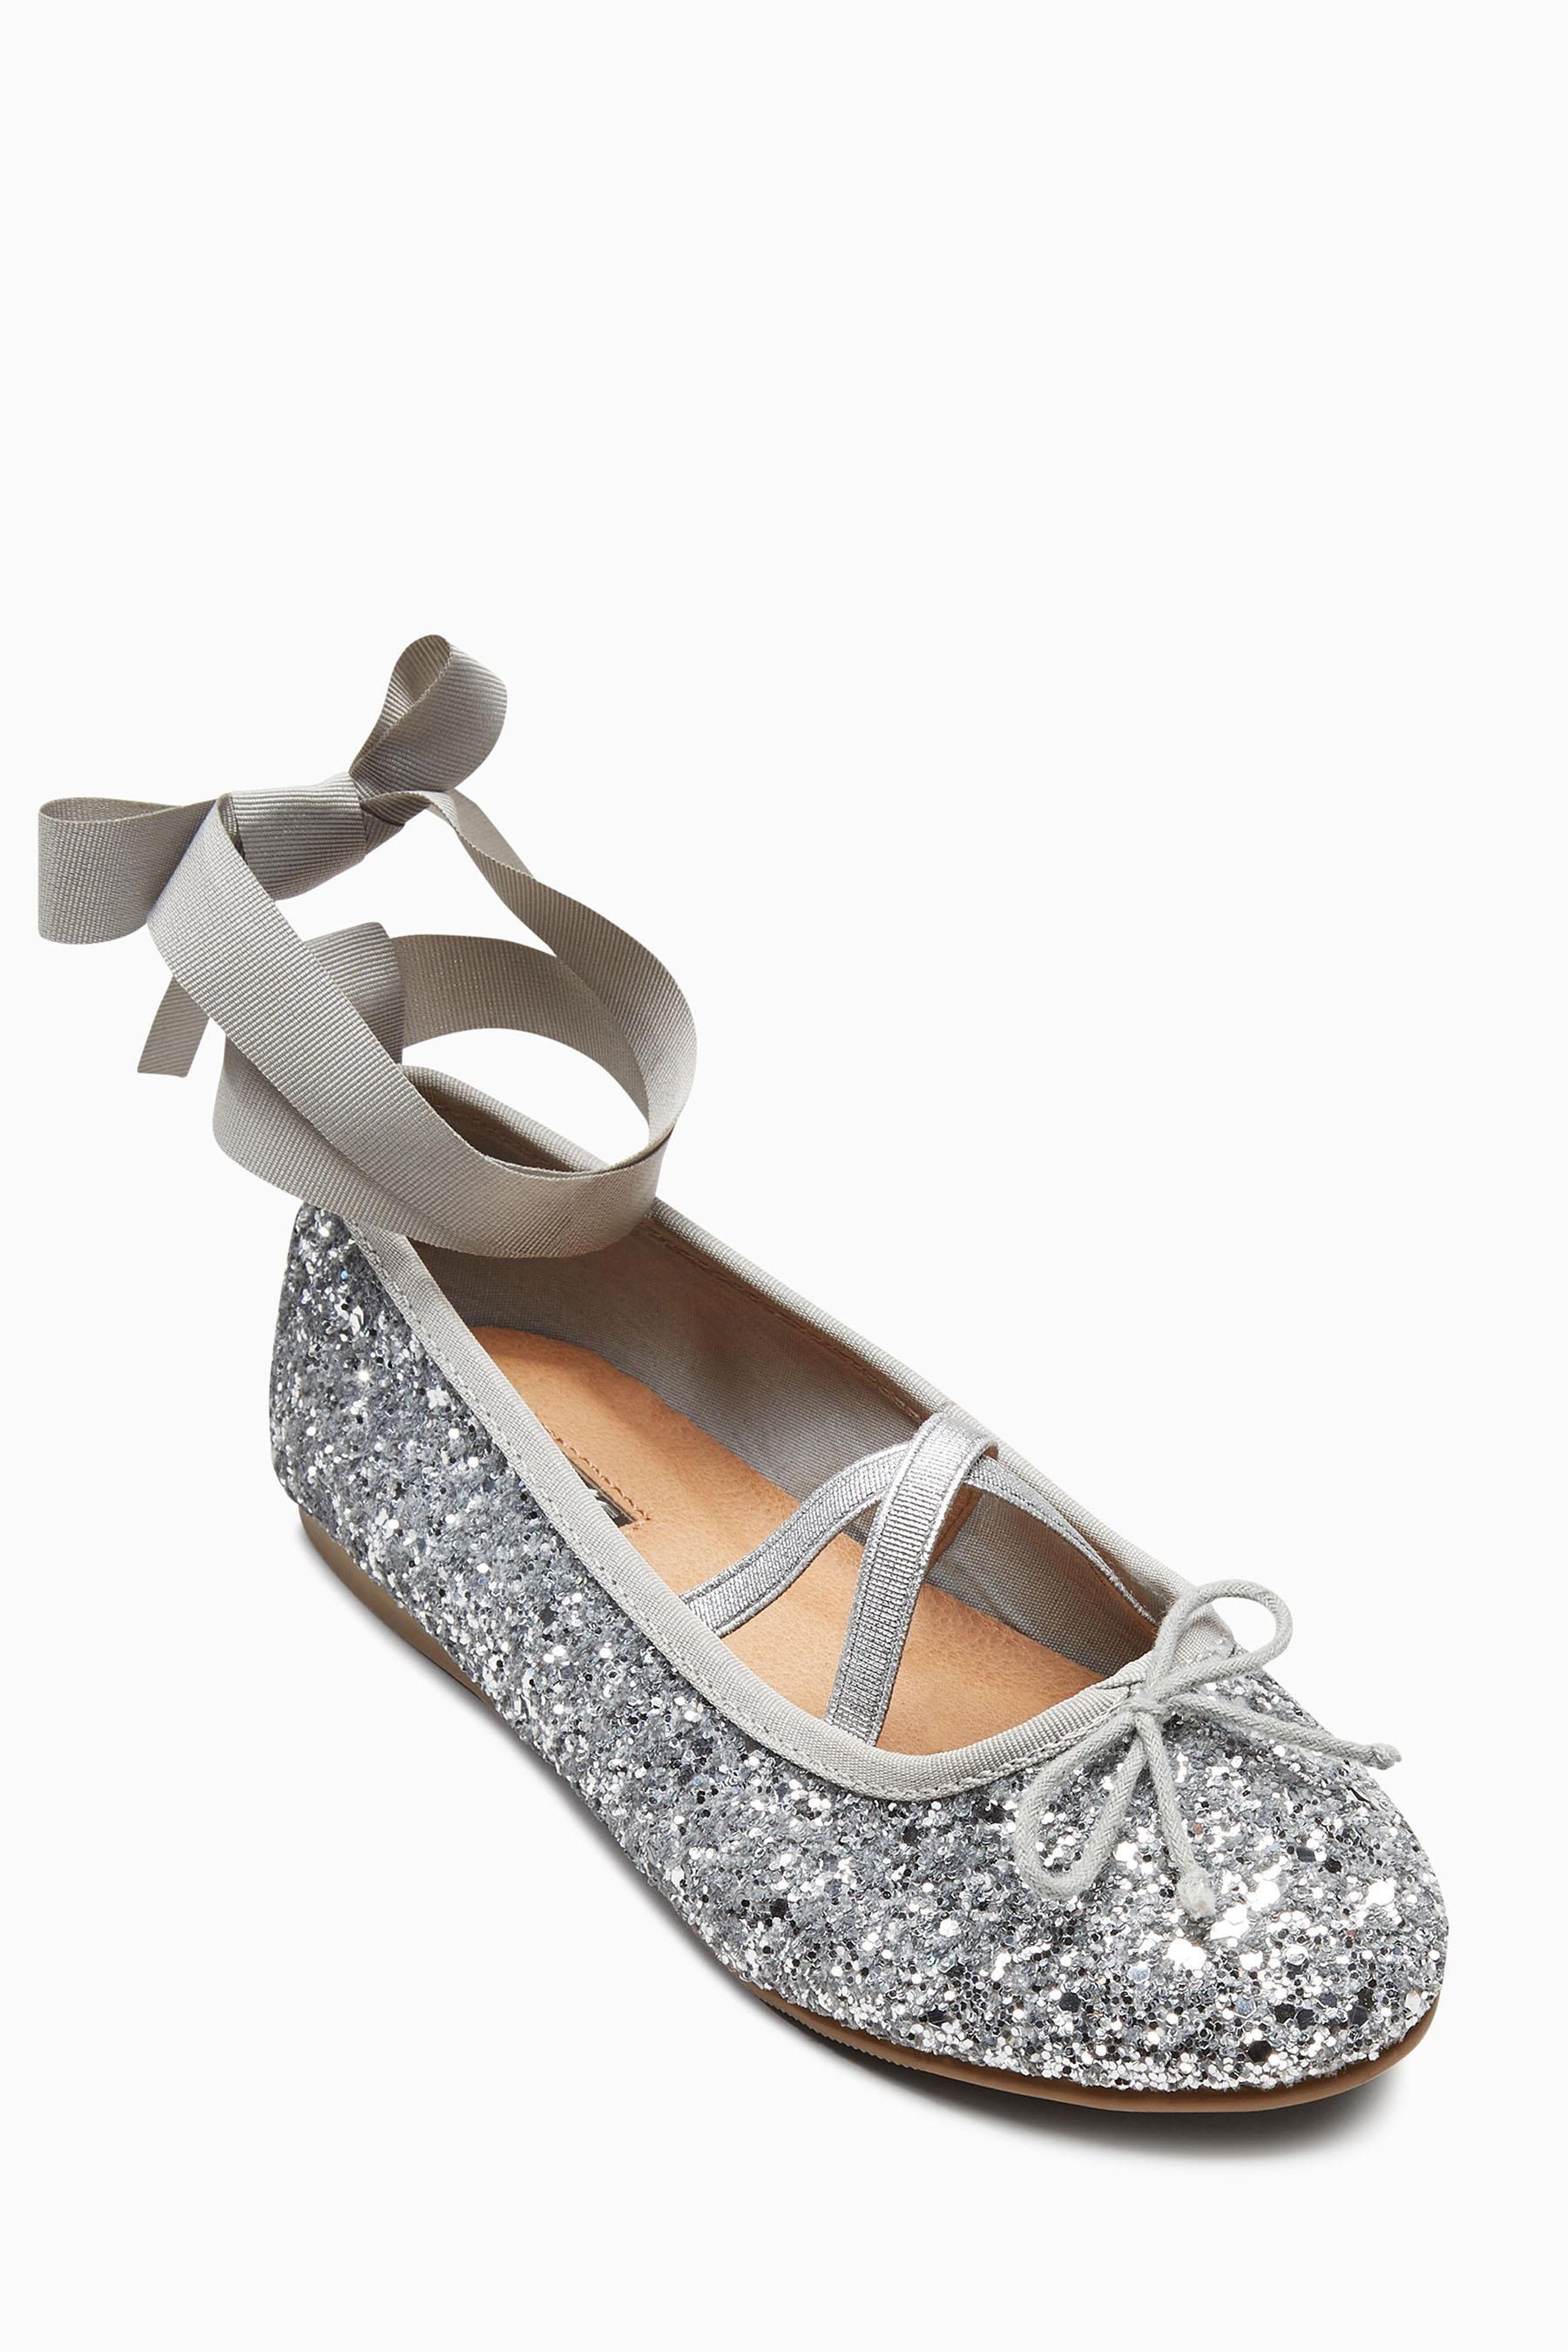 Pretty ballerina shoes